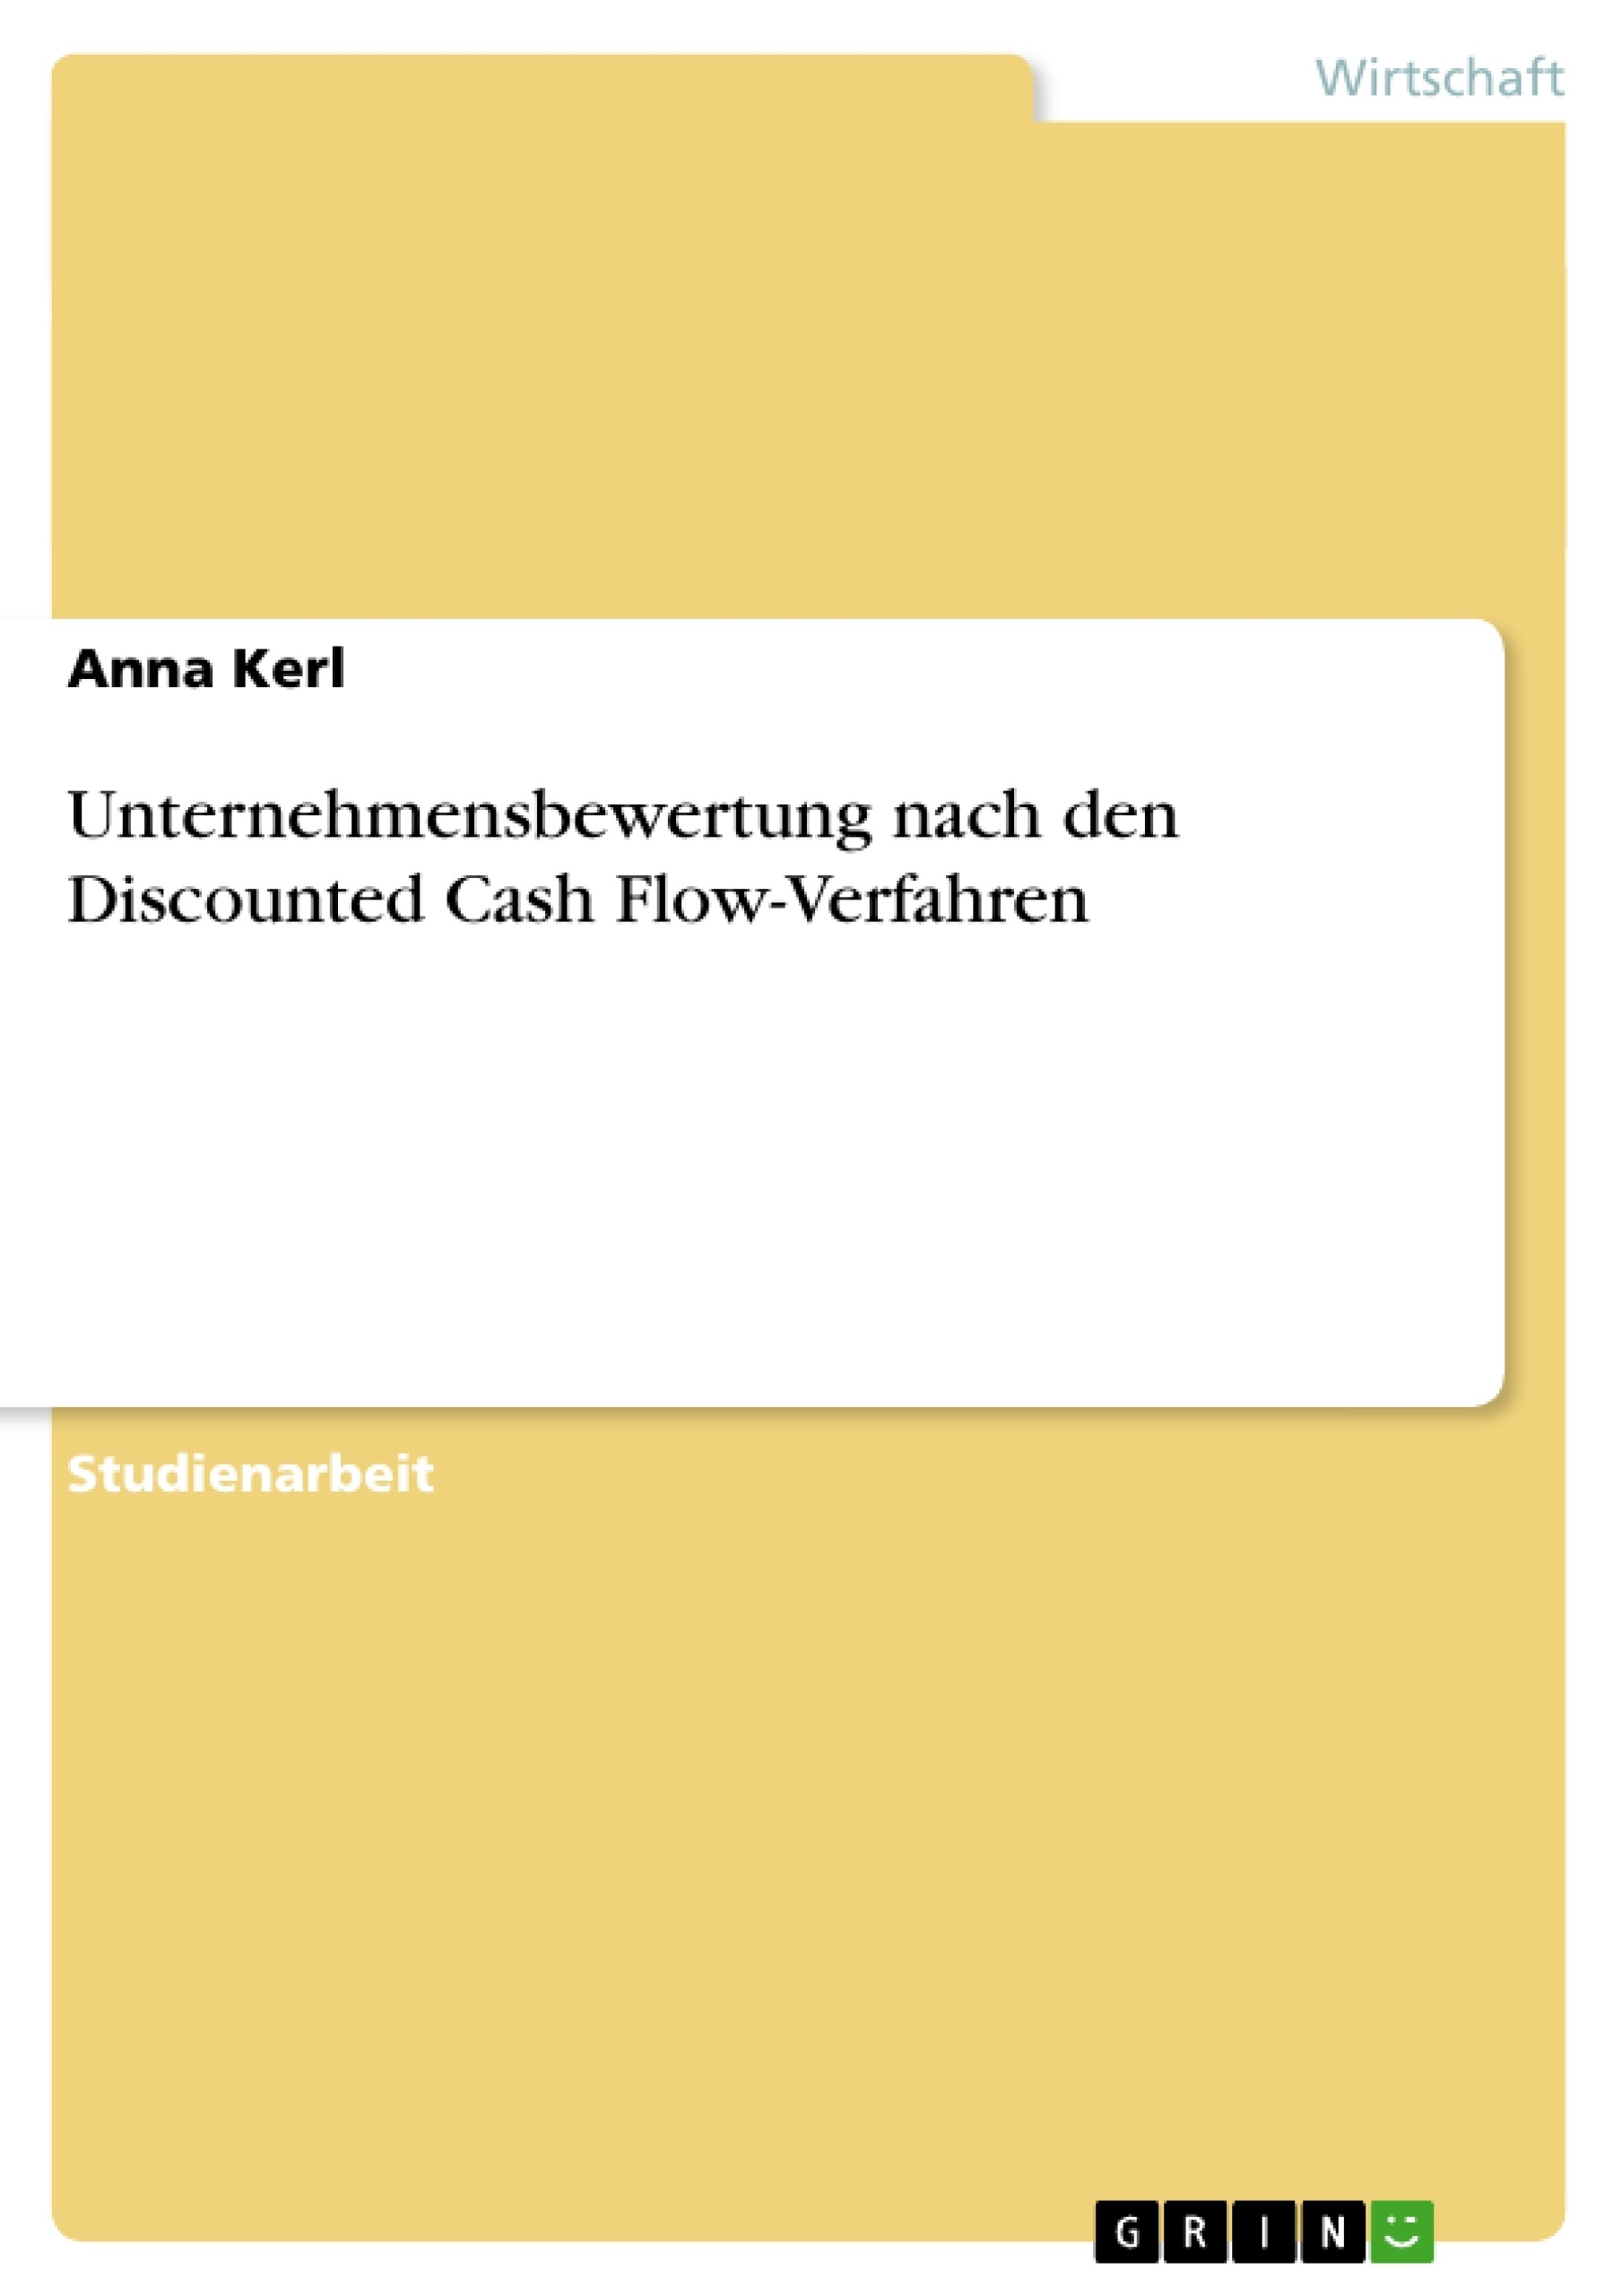 Titel: Unternehmensbewertung nach den Discounted Cash Flow-Verfahren